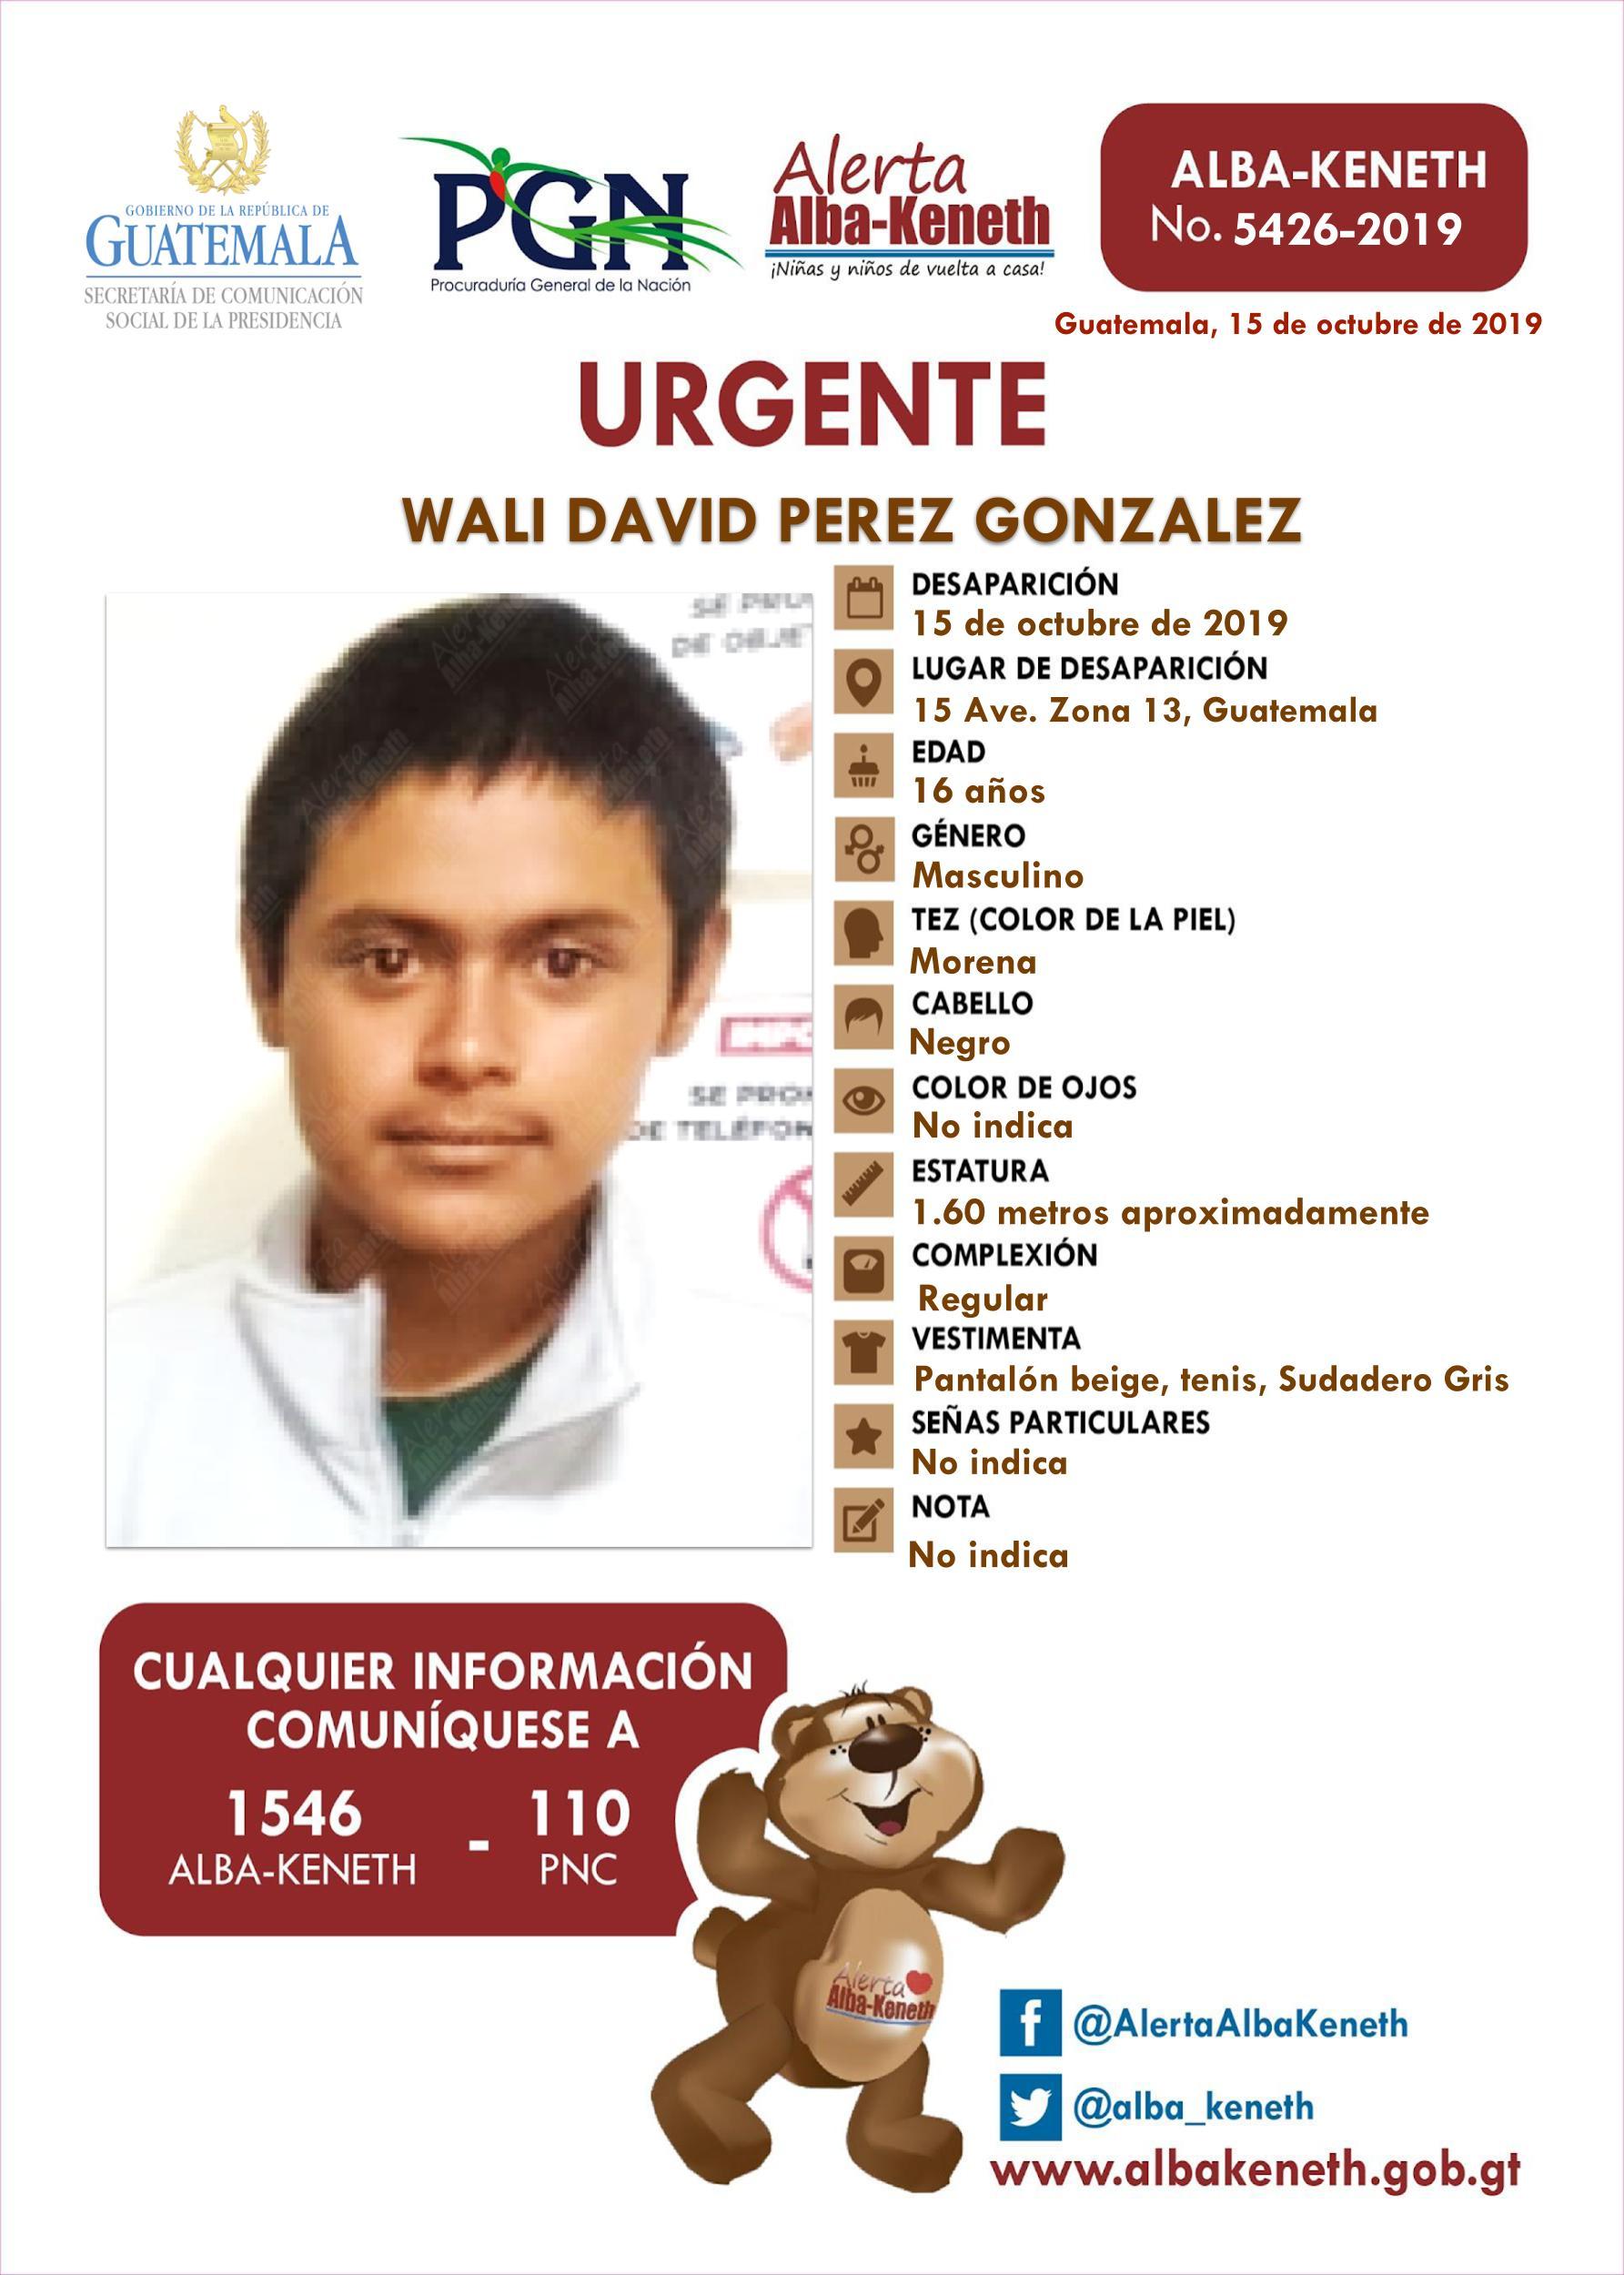 Wali David Perez Gonzalez